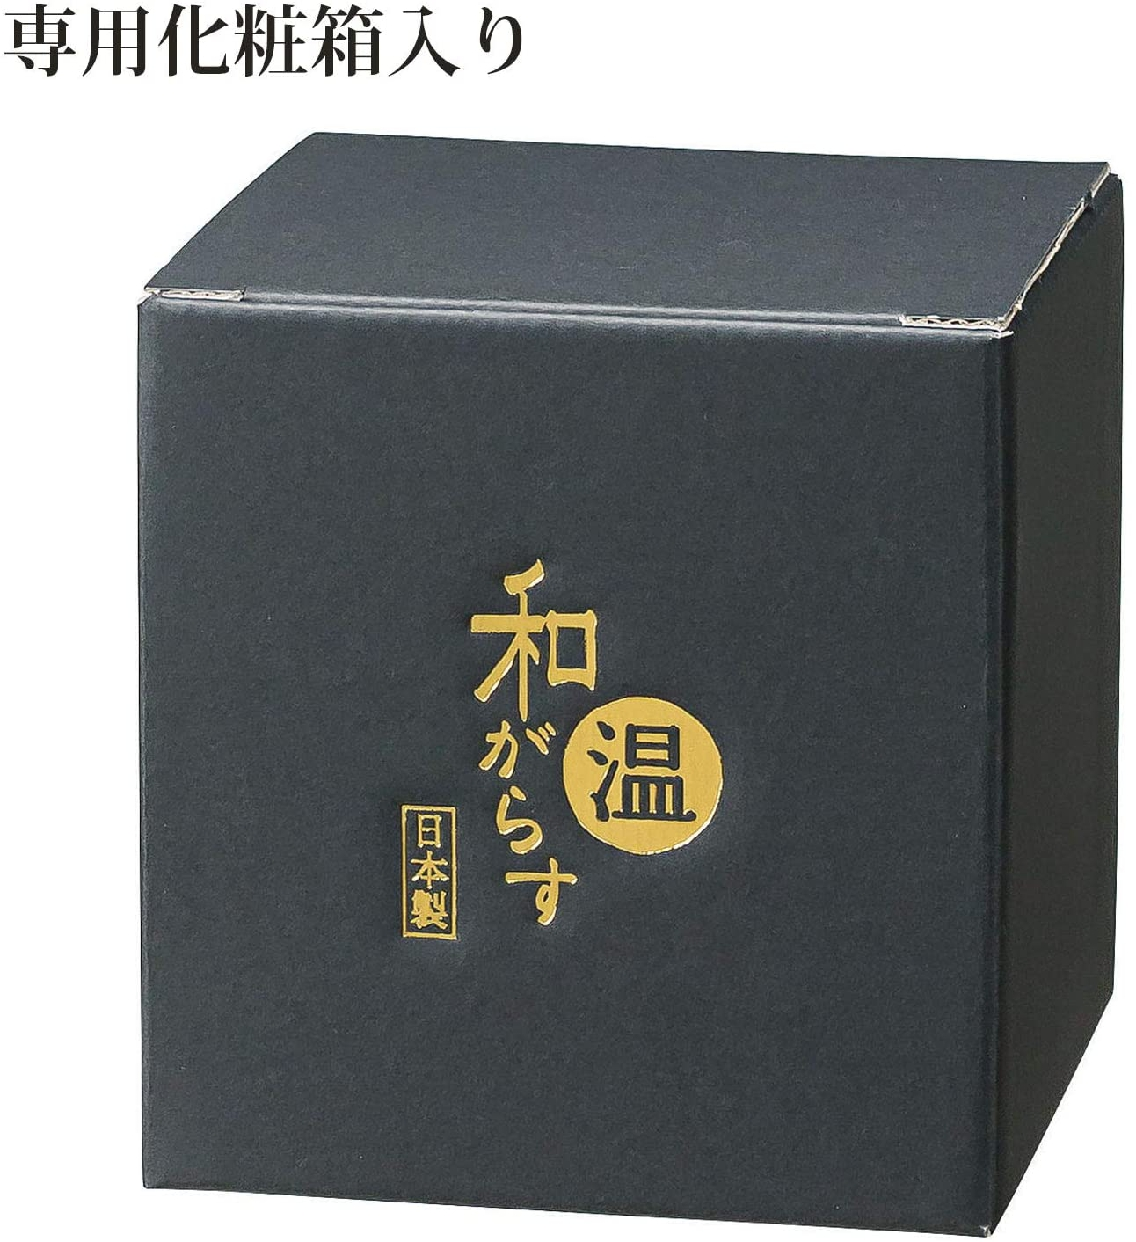 東洋佐々木ガラス お湯わり焼酎ぐらす(琥珀・金箔) 42130TS-G-WGABの商品画像6